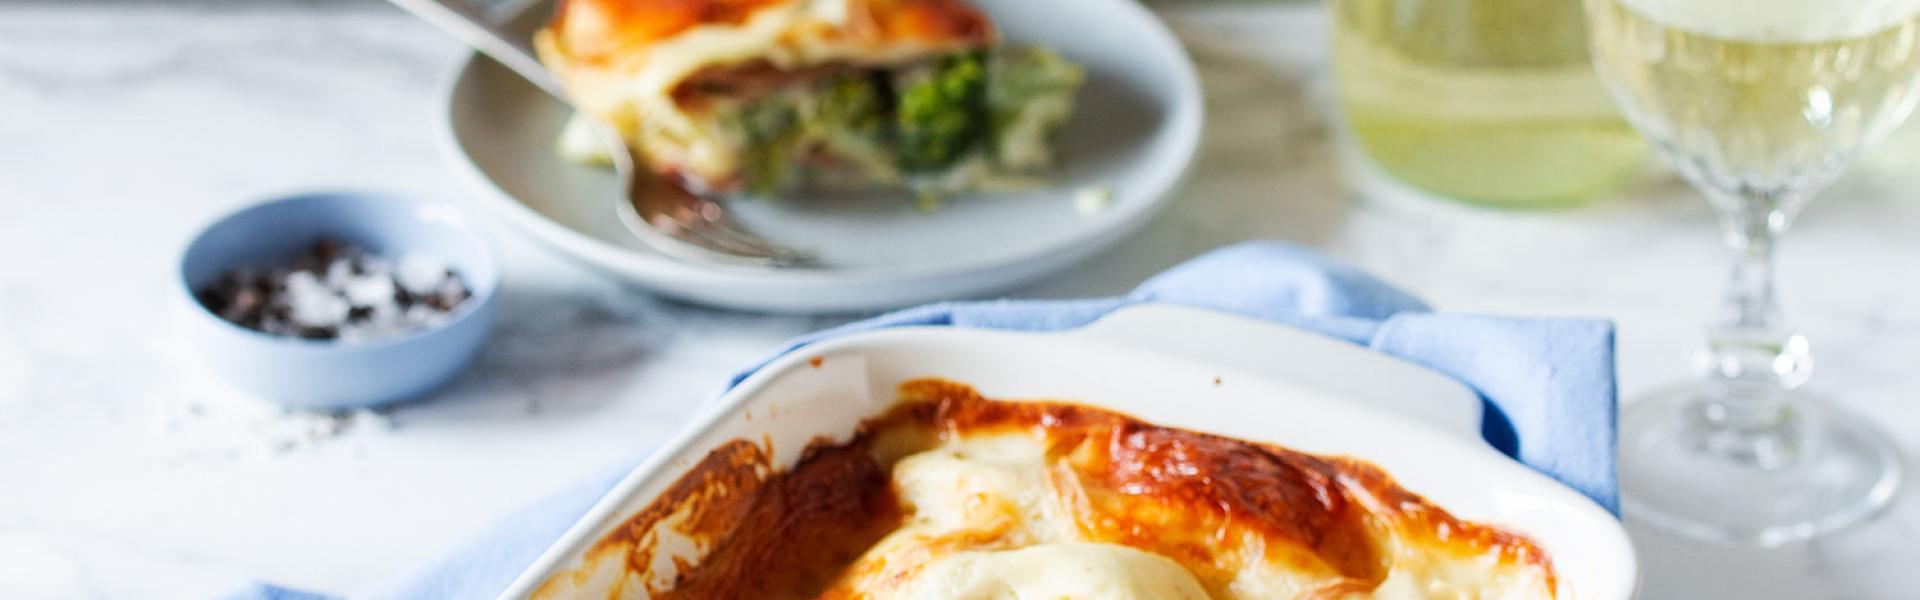 Brokkoli-Lasagne in einer Auflufform auf einem gedeckten Tisch.